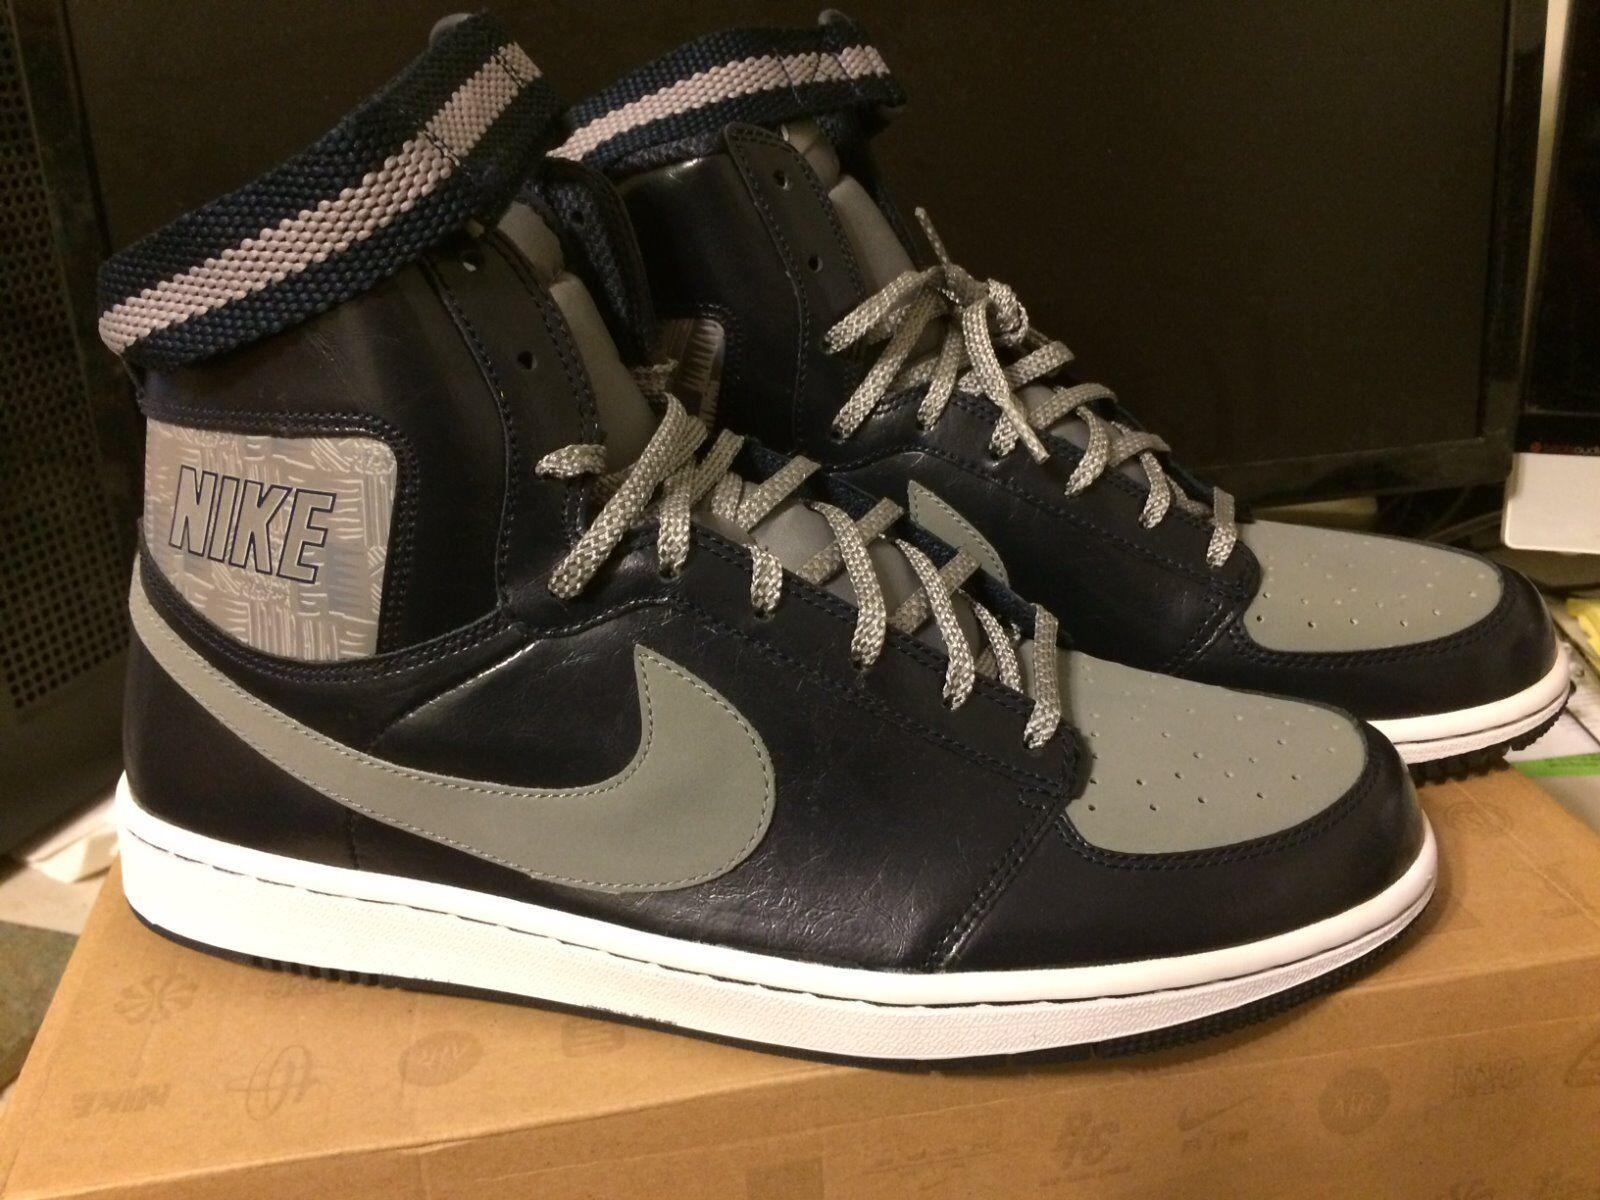 Raro nike dinastia alto davvero dimensioni uomini noi 11 - scarpe da ginnastica hi - 11 top new in scatola 27fc4a